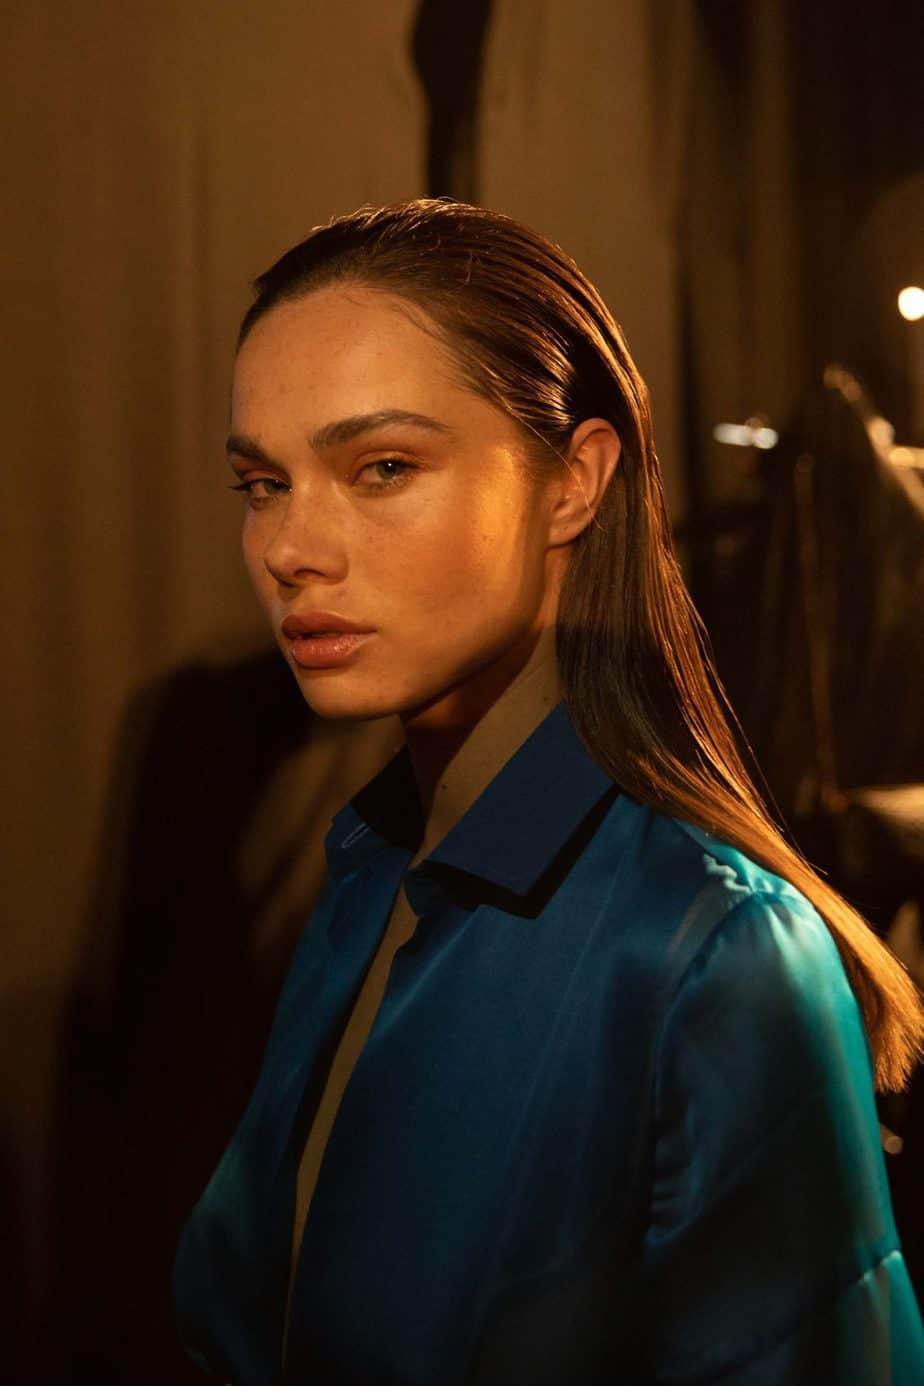 שבוע האופנה תל אביב 2019. צילום עומר קפלן - 5